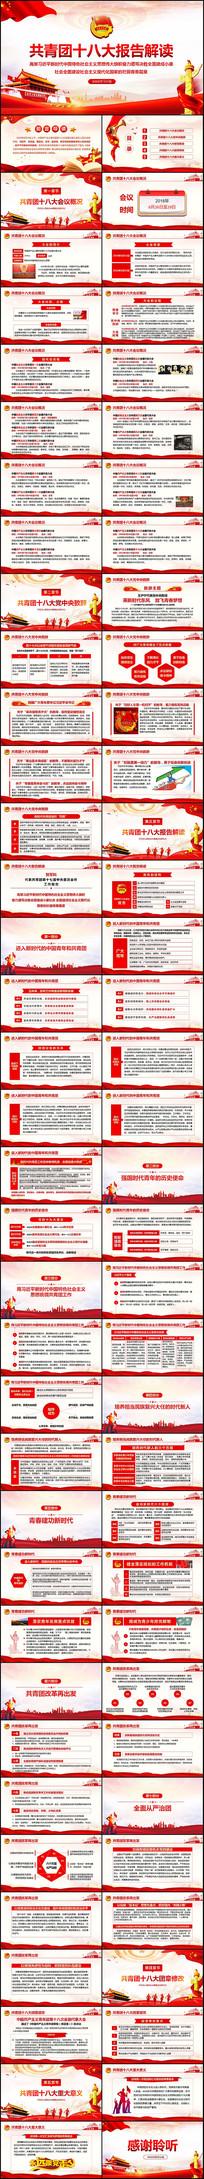 党中央致辞共青团十八大PPT